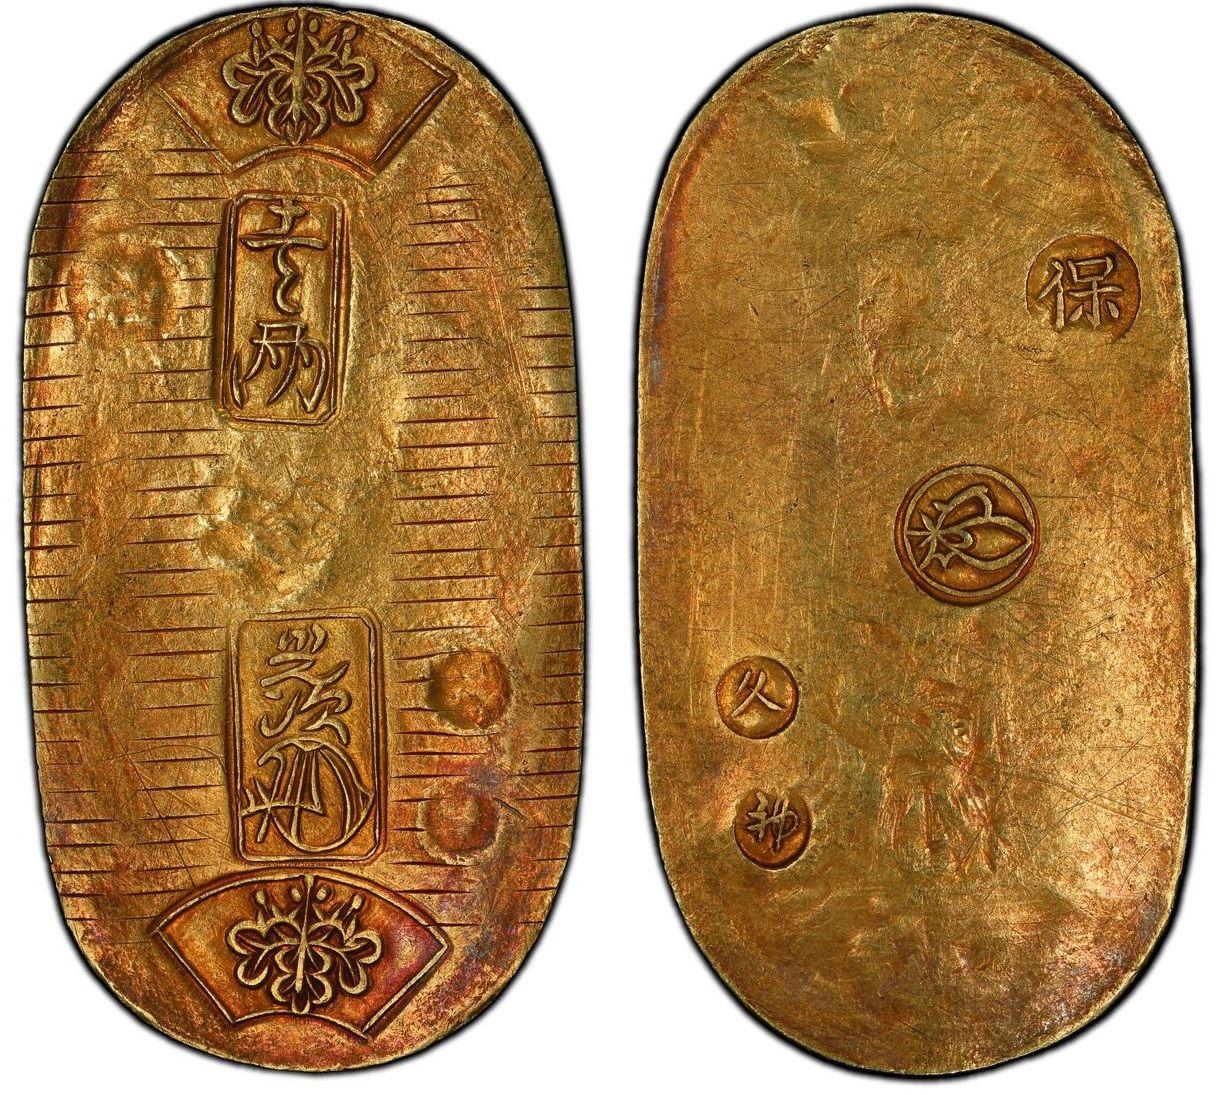 Japon Koban (1 ryo) - Ere de Tempo (Or et Argent) - 1837-1858 - PCGS AU 53